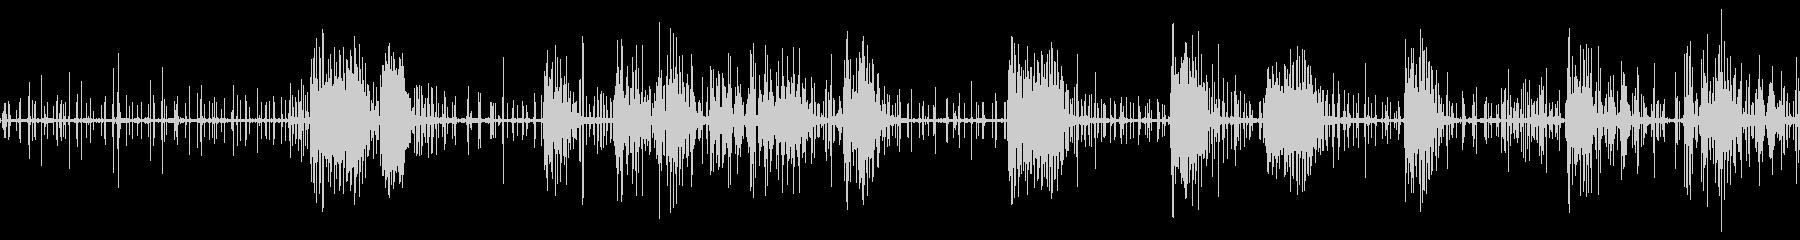 モンスター 蟲 クリーチャー 摩擦音の未再生の波形